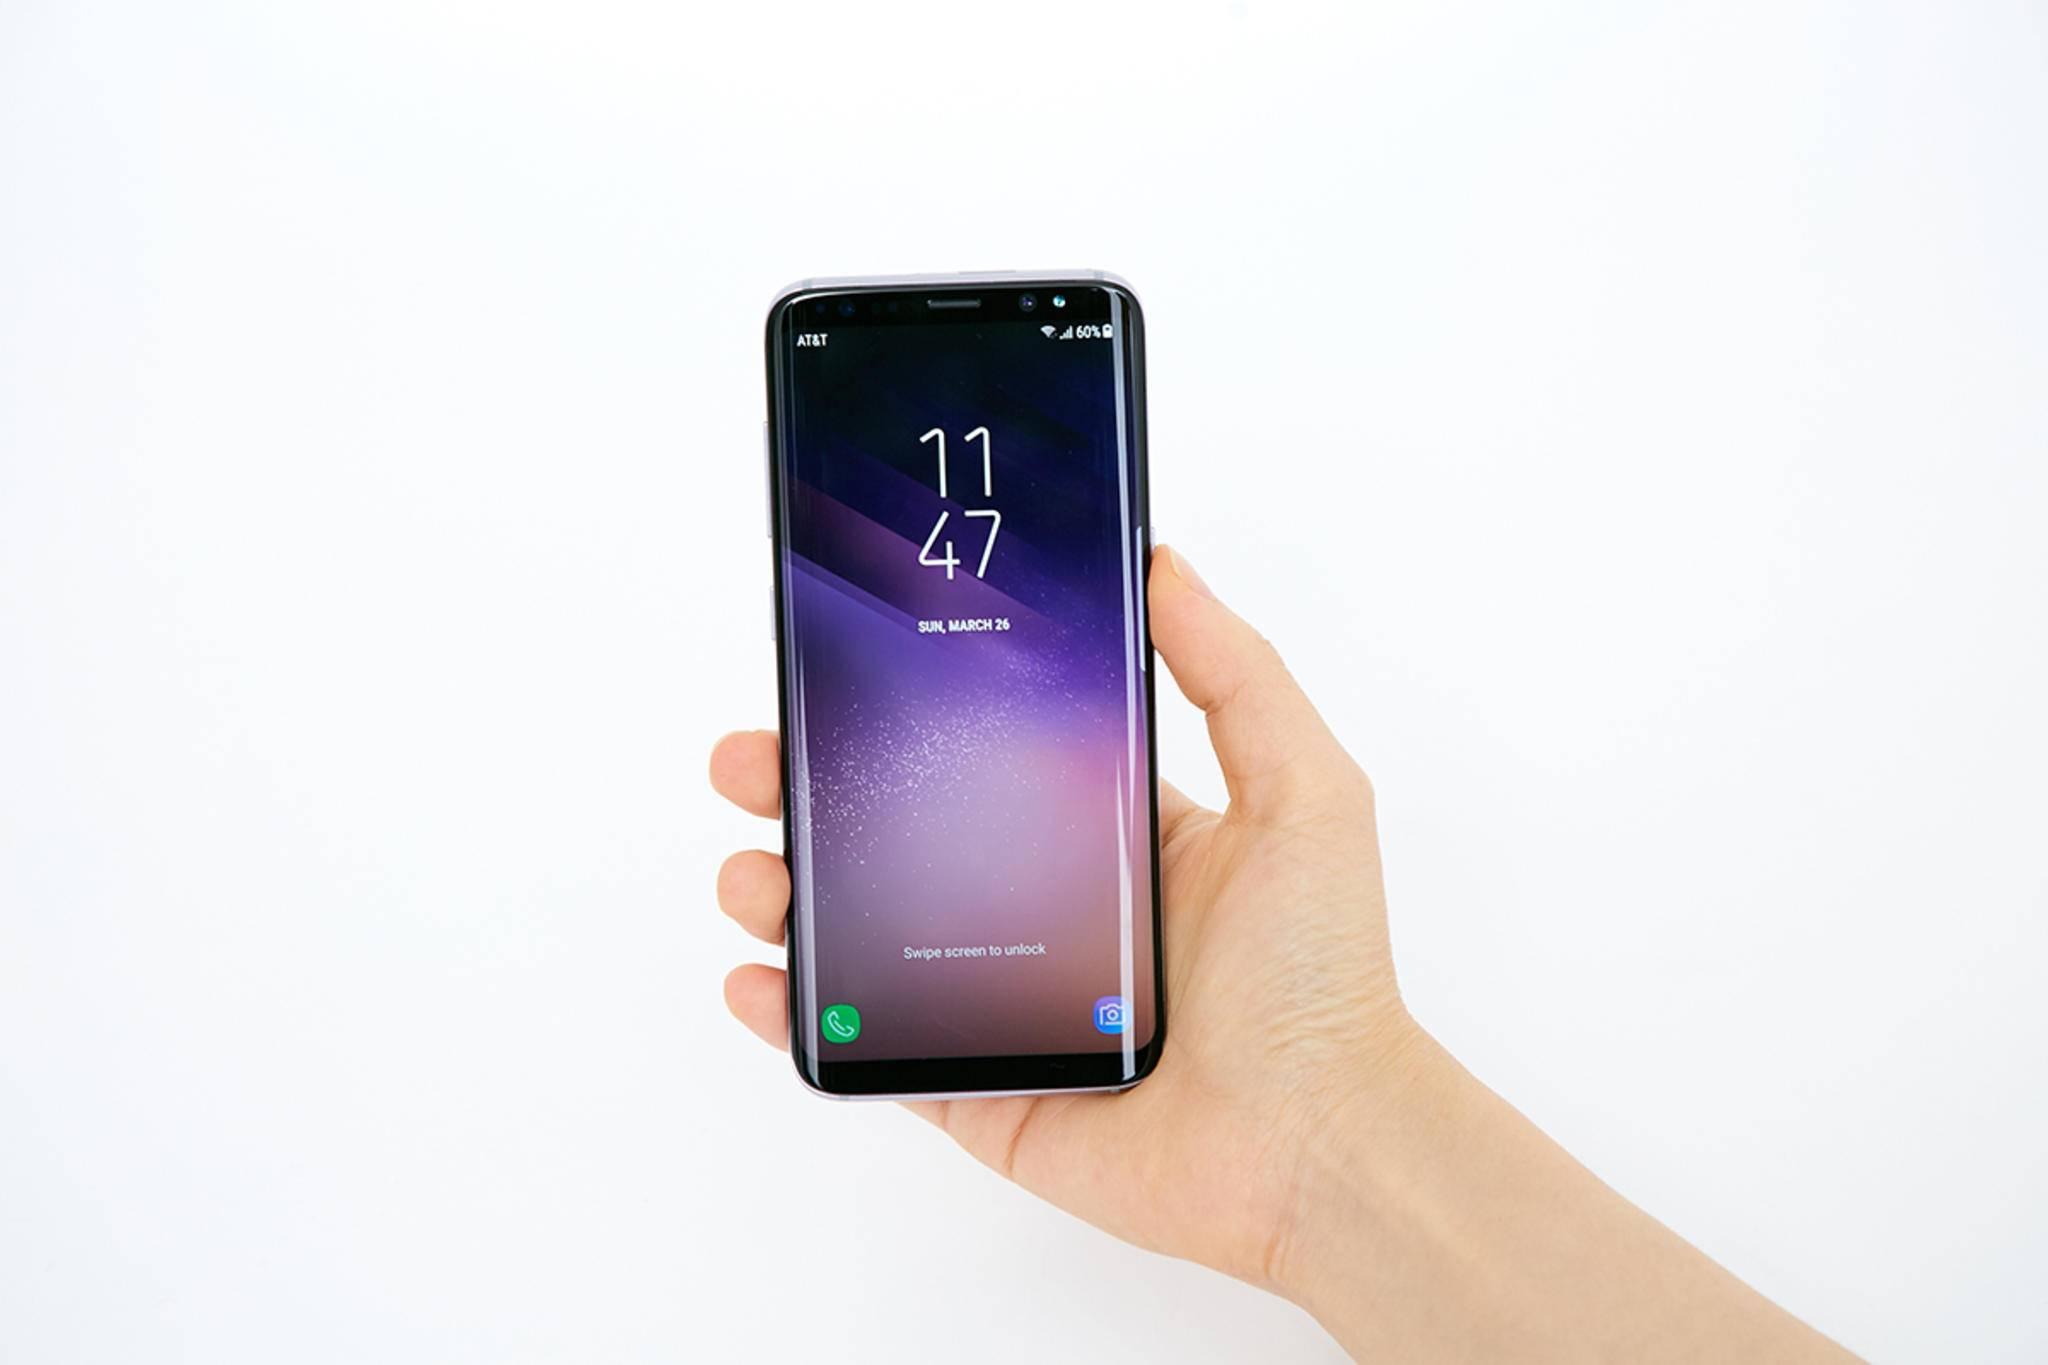 Das Galaxy S8: Der Assistent Bixby lässt sich auch auf dem Galaxy S7 installieren.